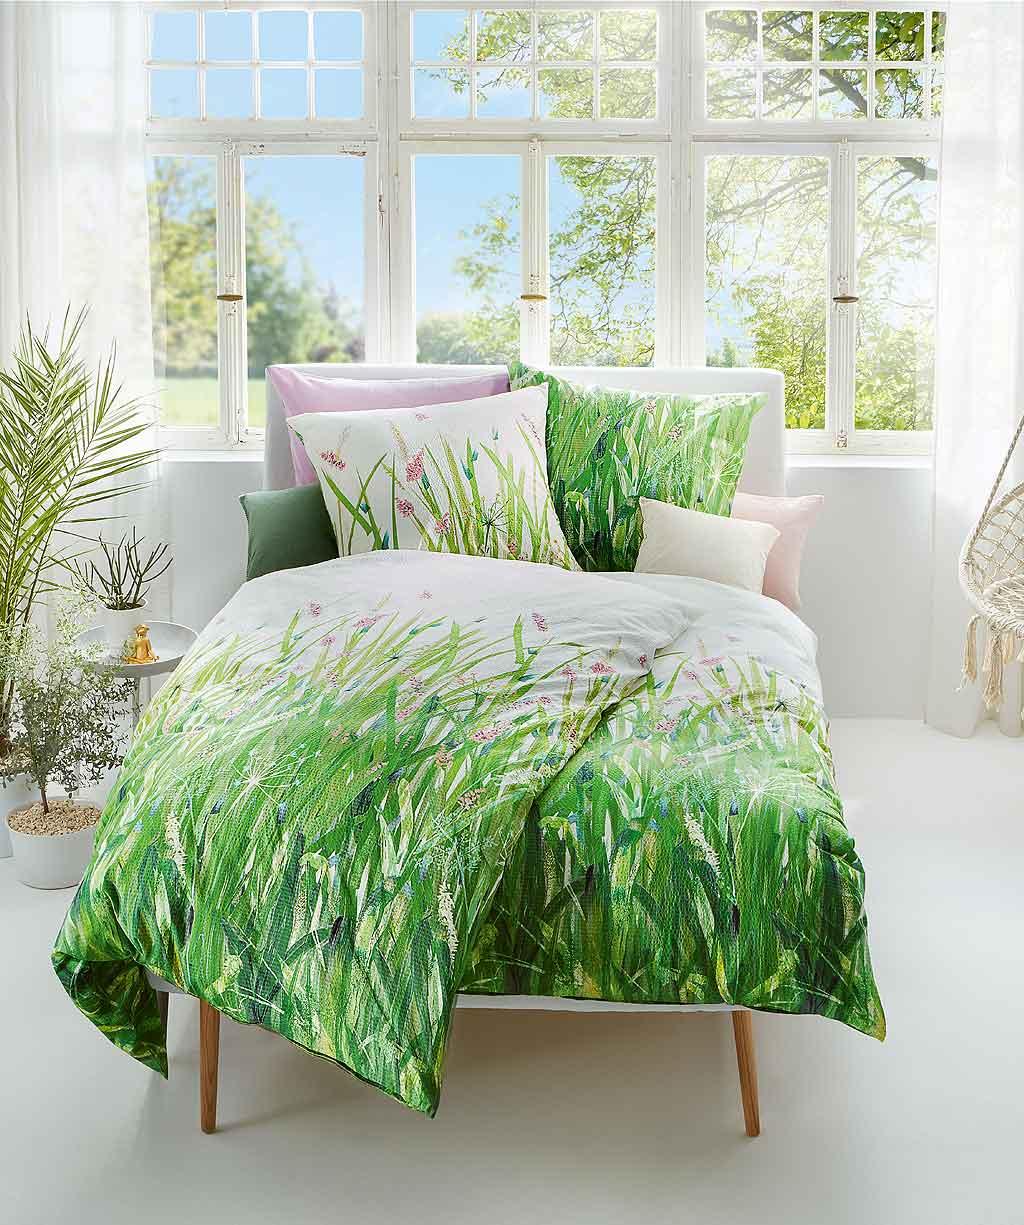 Wendebettwäsche mit grüner Wiese aus bügelfreiem Seersucker